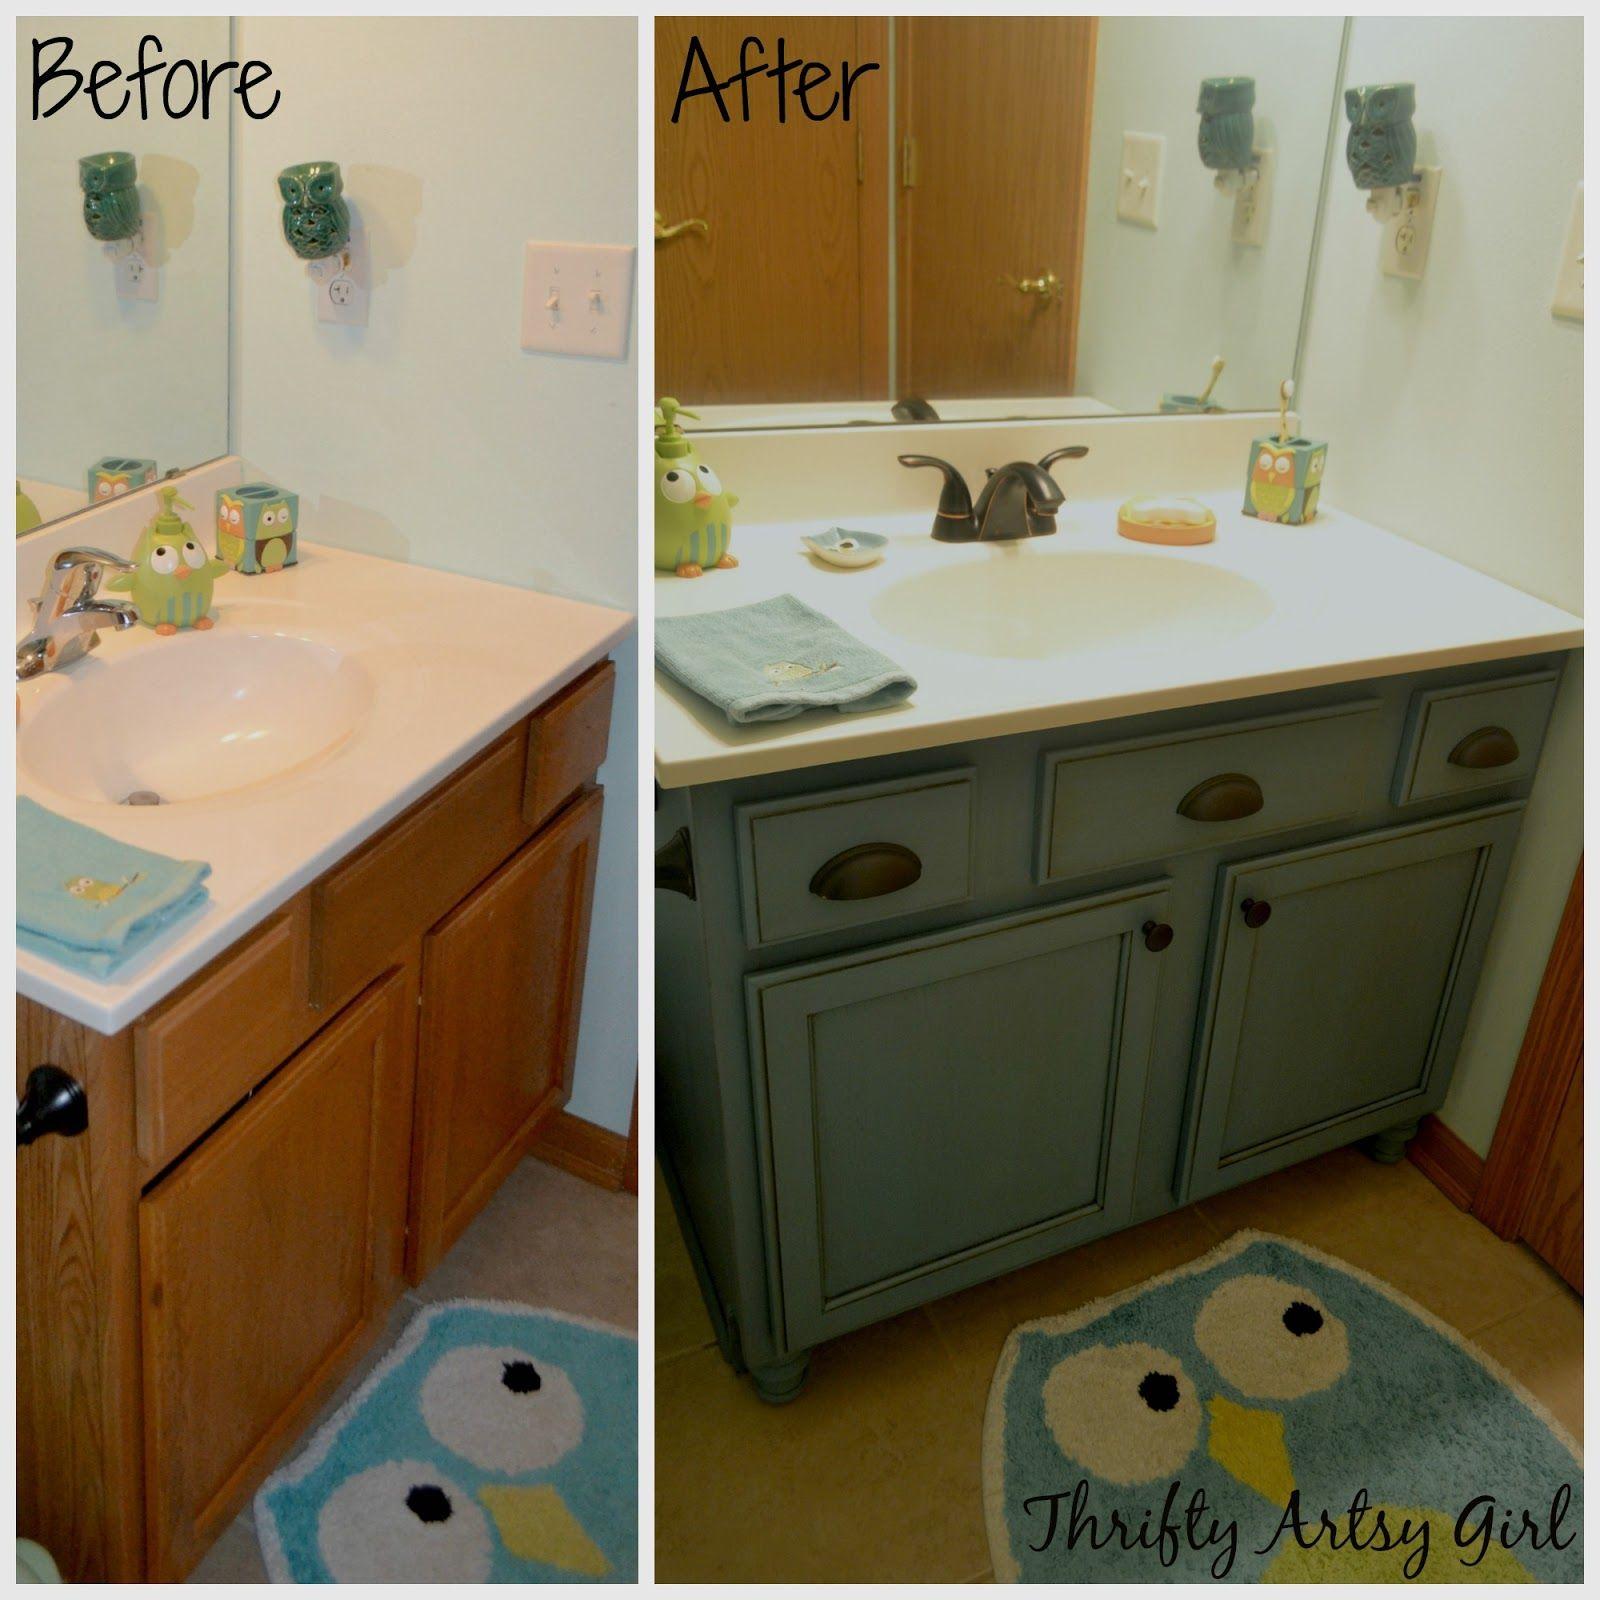 Builders Grade Teal Bathroom Vanity And Faucet Upgrade For Only 60 Painted Vanity Bathroom Teal Bathroom Bathroom Vanity